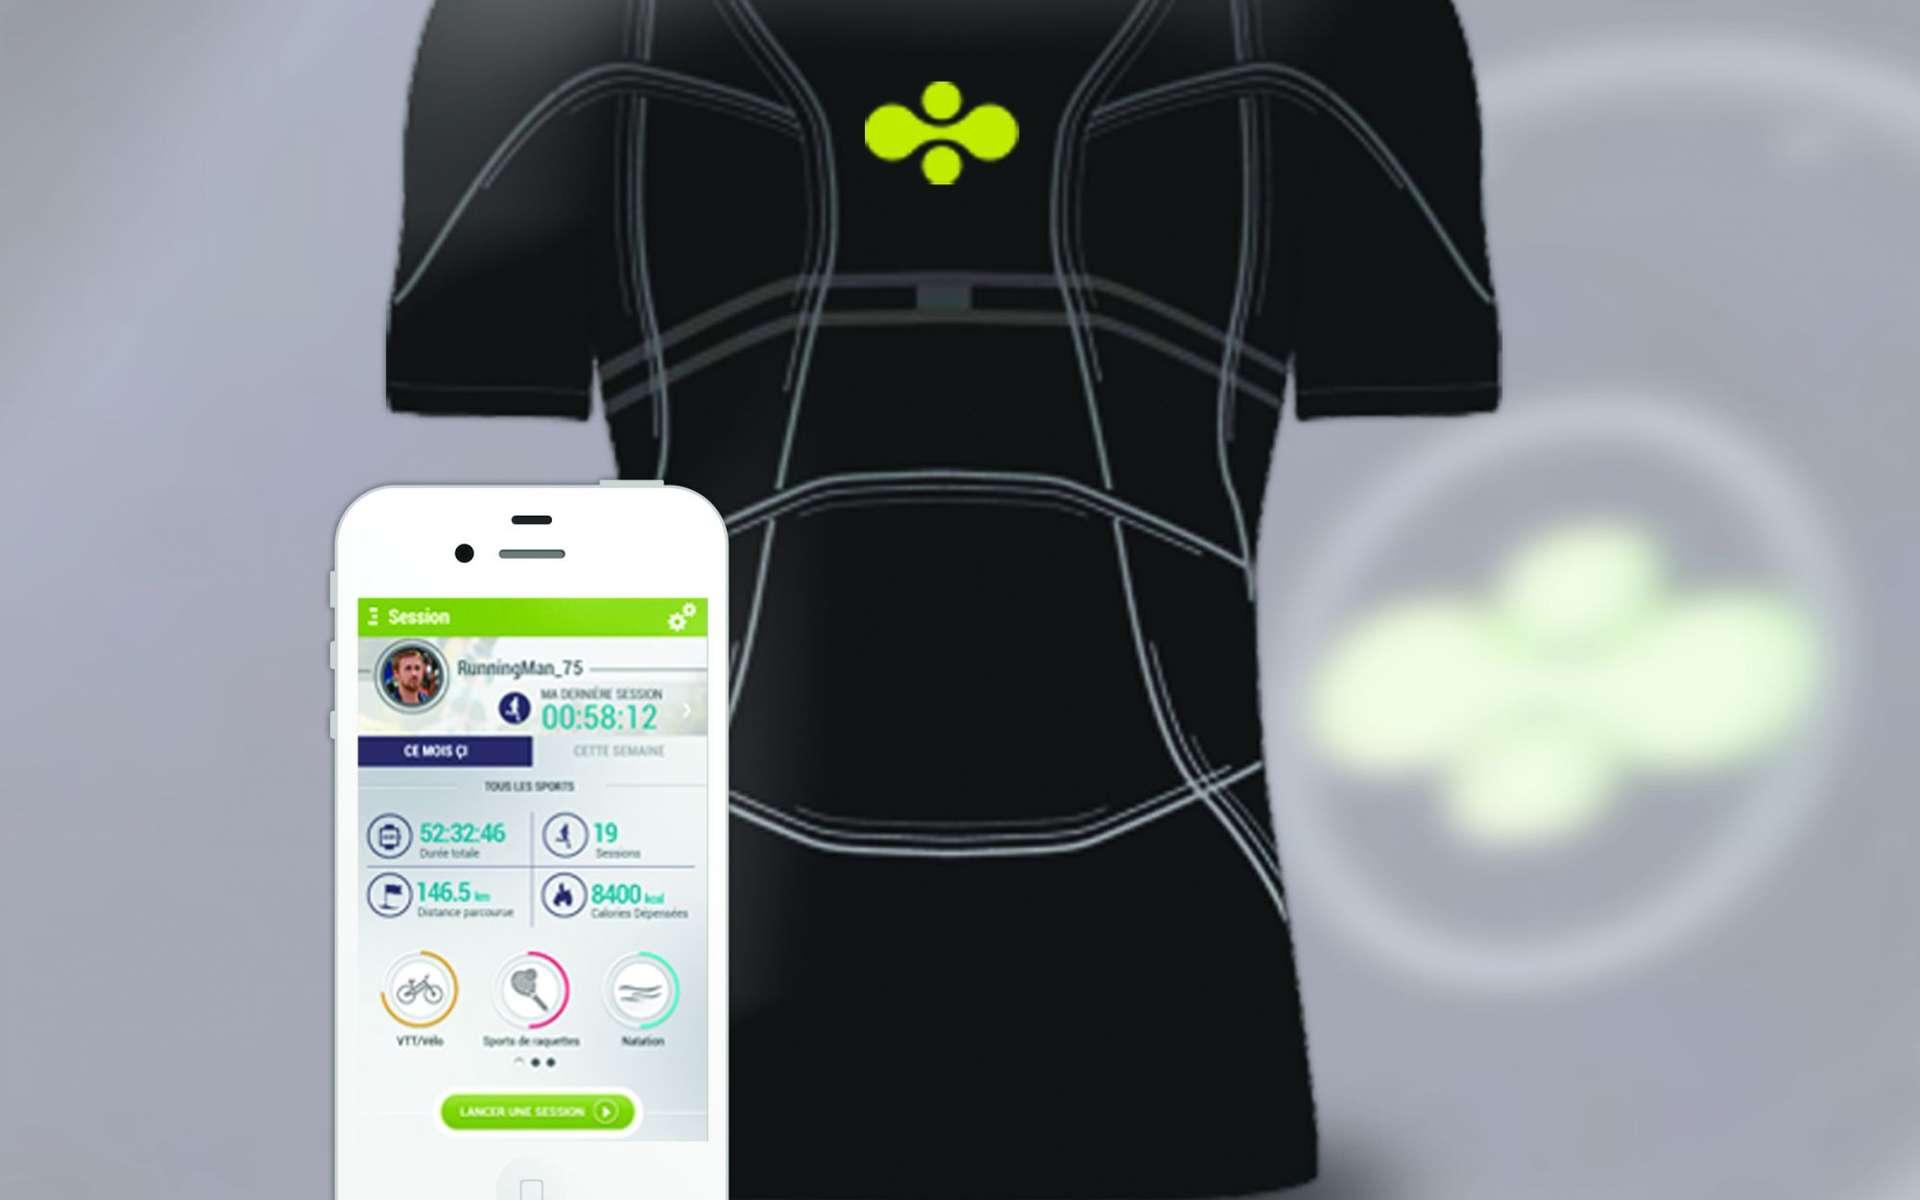 Le D-Shirt contient des capteurs (accéléromètres, GPS...) et des fines électrodes reliés à un boîtier traitant les données. Il peut ainsi suivre les battements cardiaques. Apparaissant actuellement dans le domaine du sport, cette technologie pourra aussi être utilisée pour suivre différents paramètres physiologiques et pour des applications médicales. © Cityzen Sciences